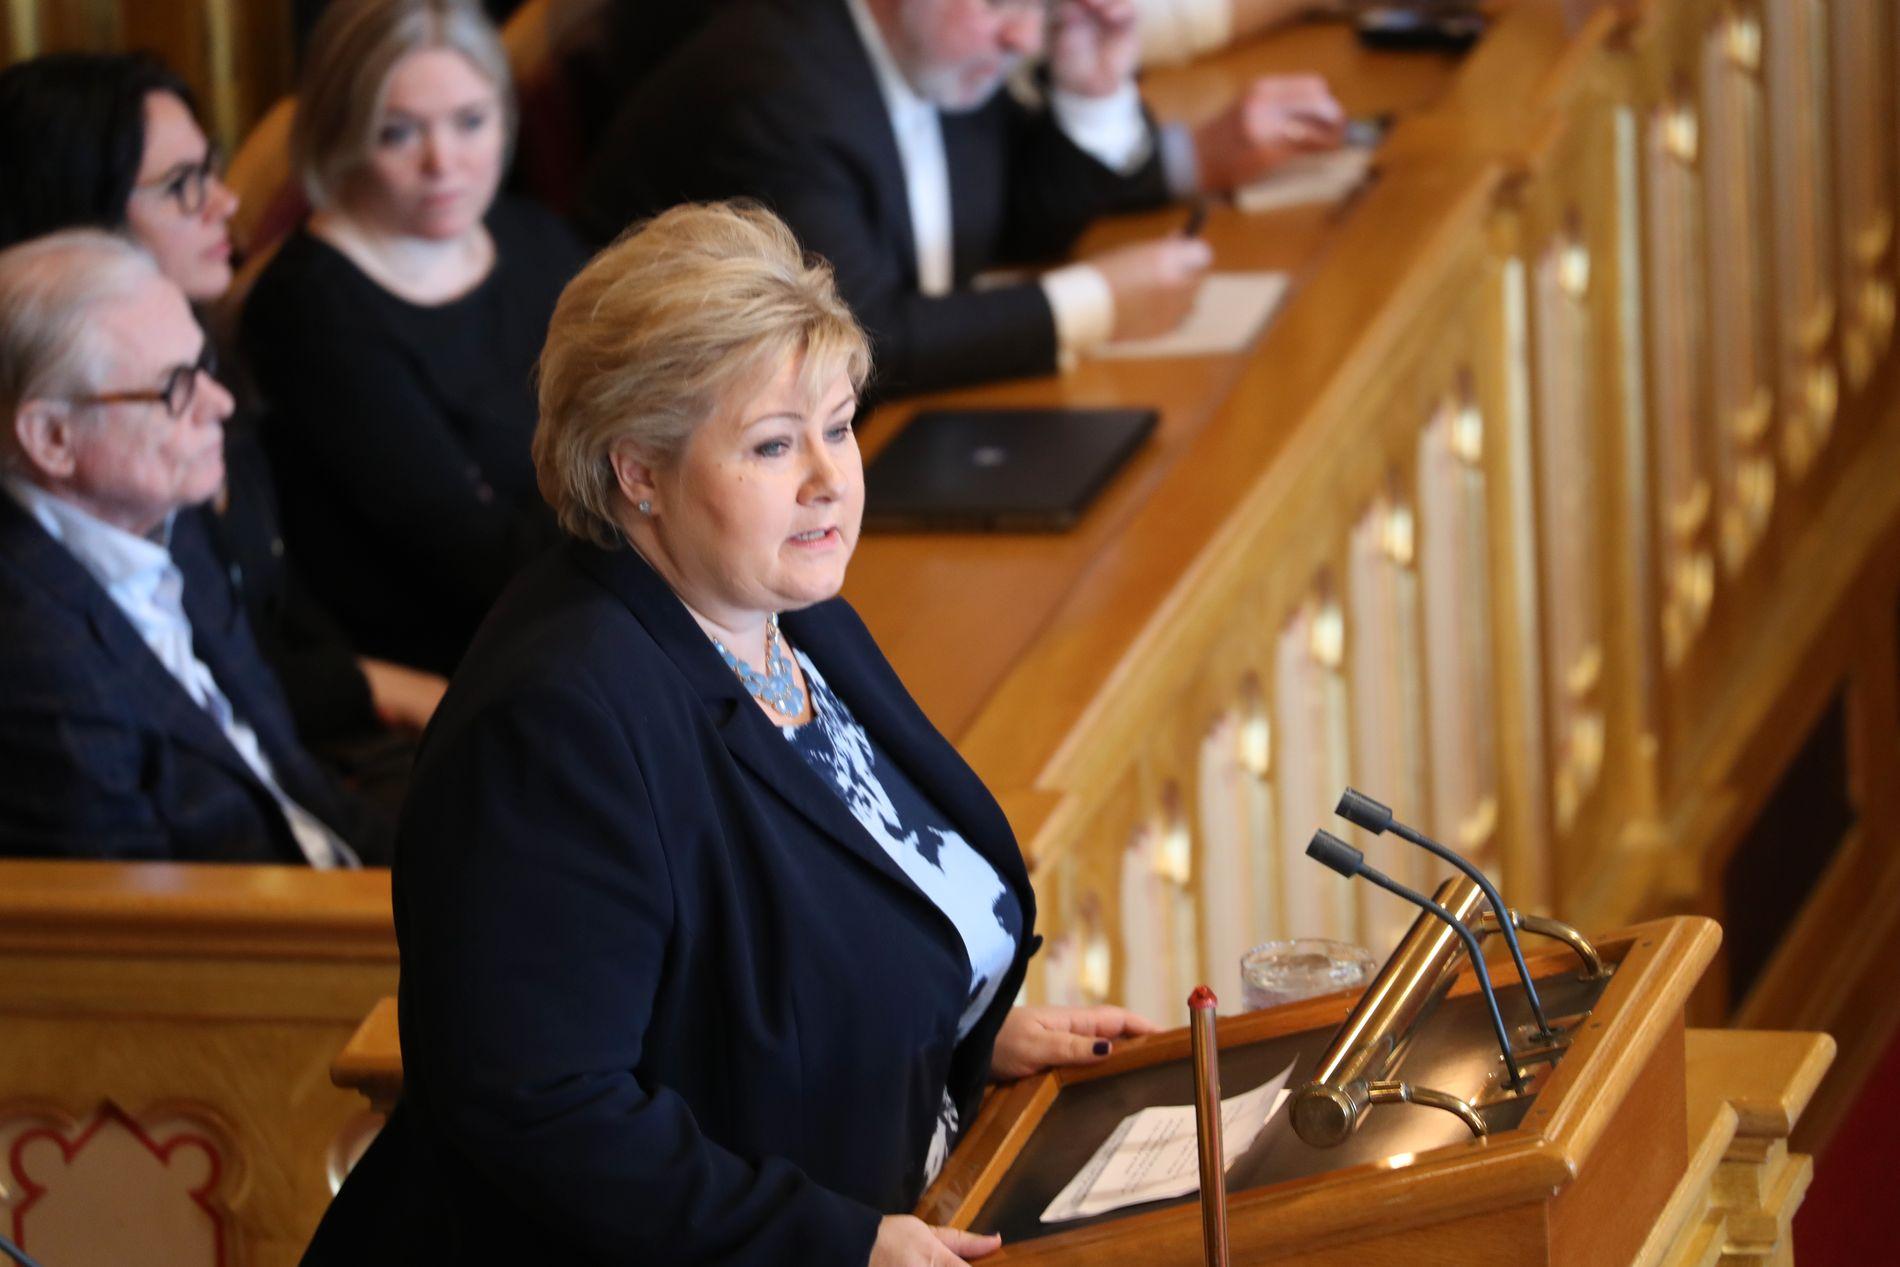 HÅPER PÅ NY START: Statsminister kommenterte kort Listhaugs avgang fra Stortingets talerstol, og sa hun ønsket å legge diskusjonen bak oss.